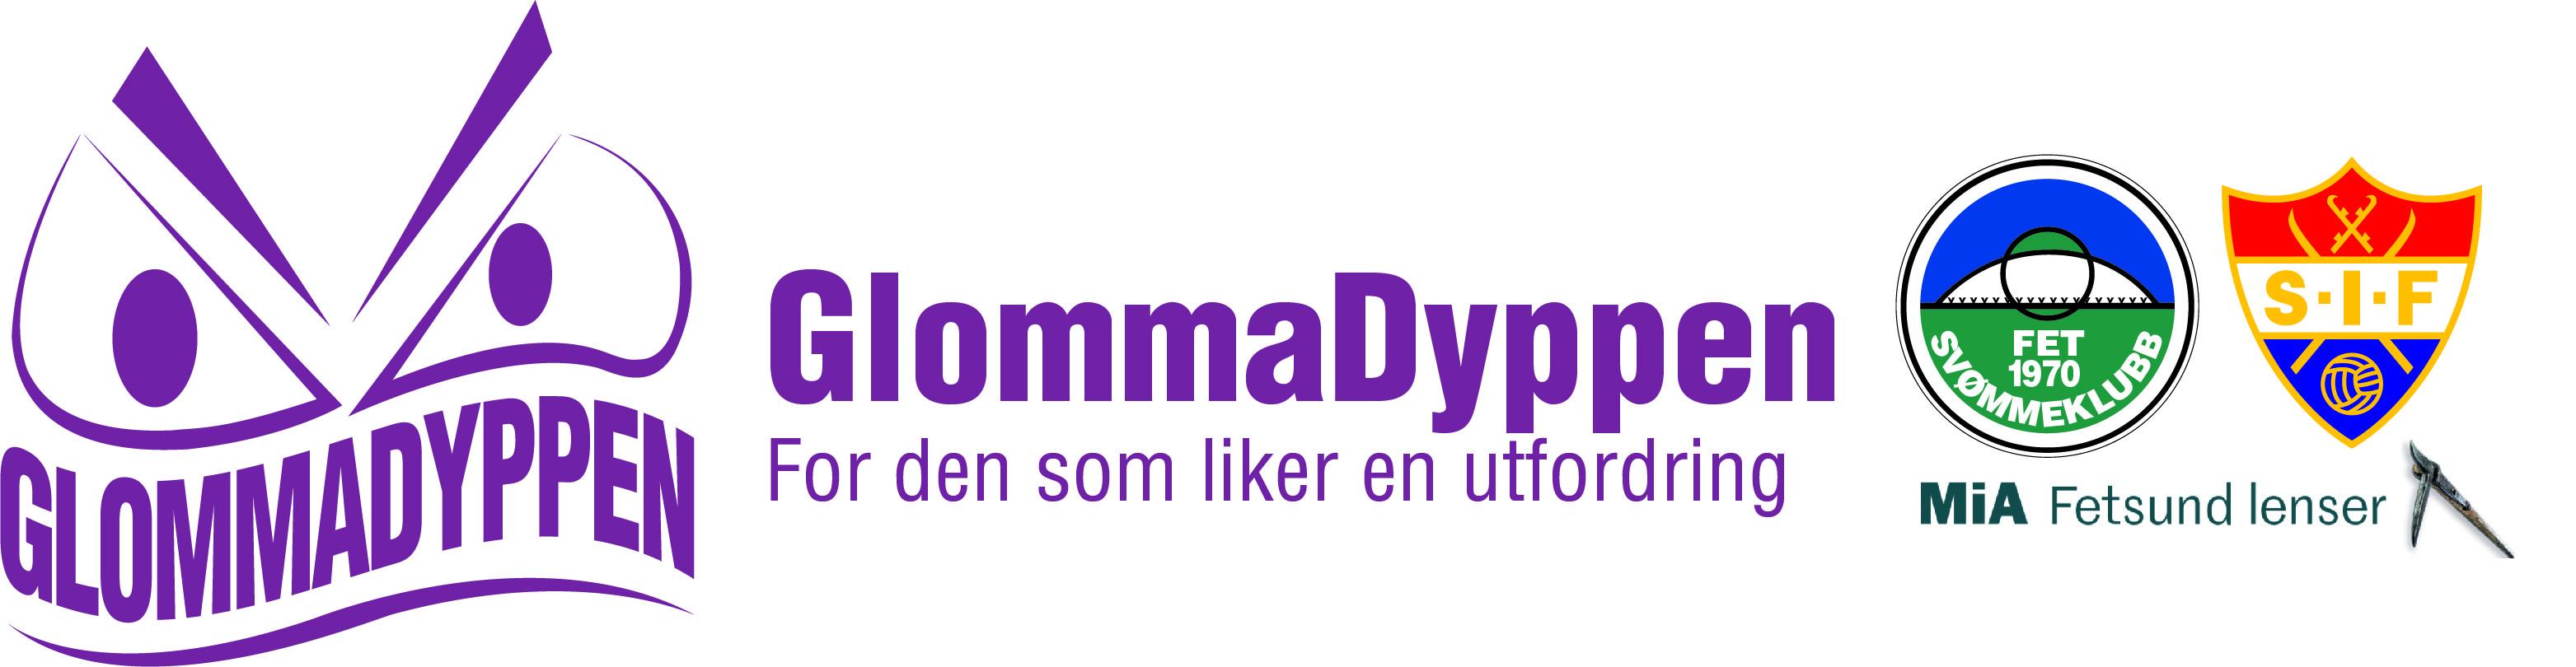 Glommadyppen